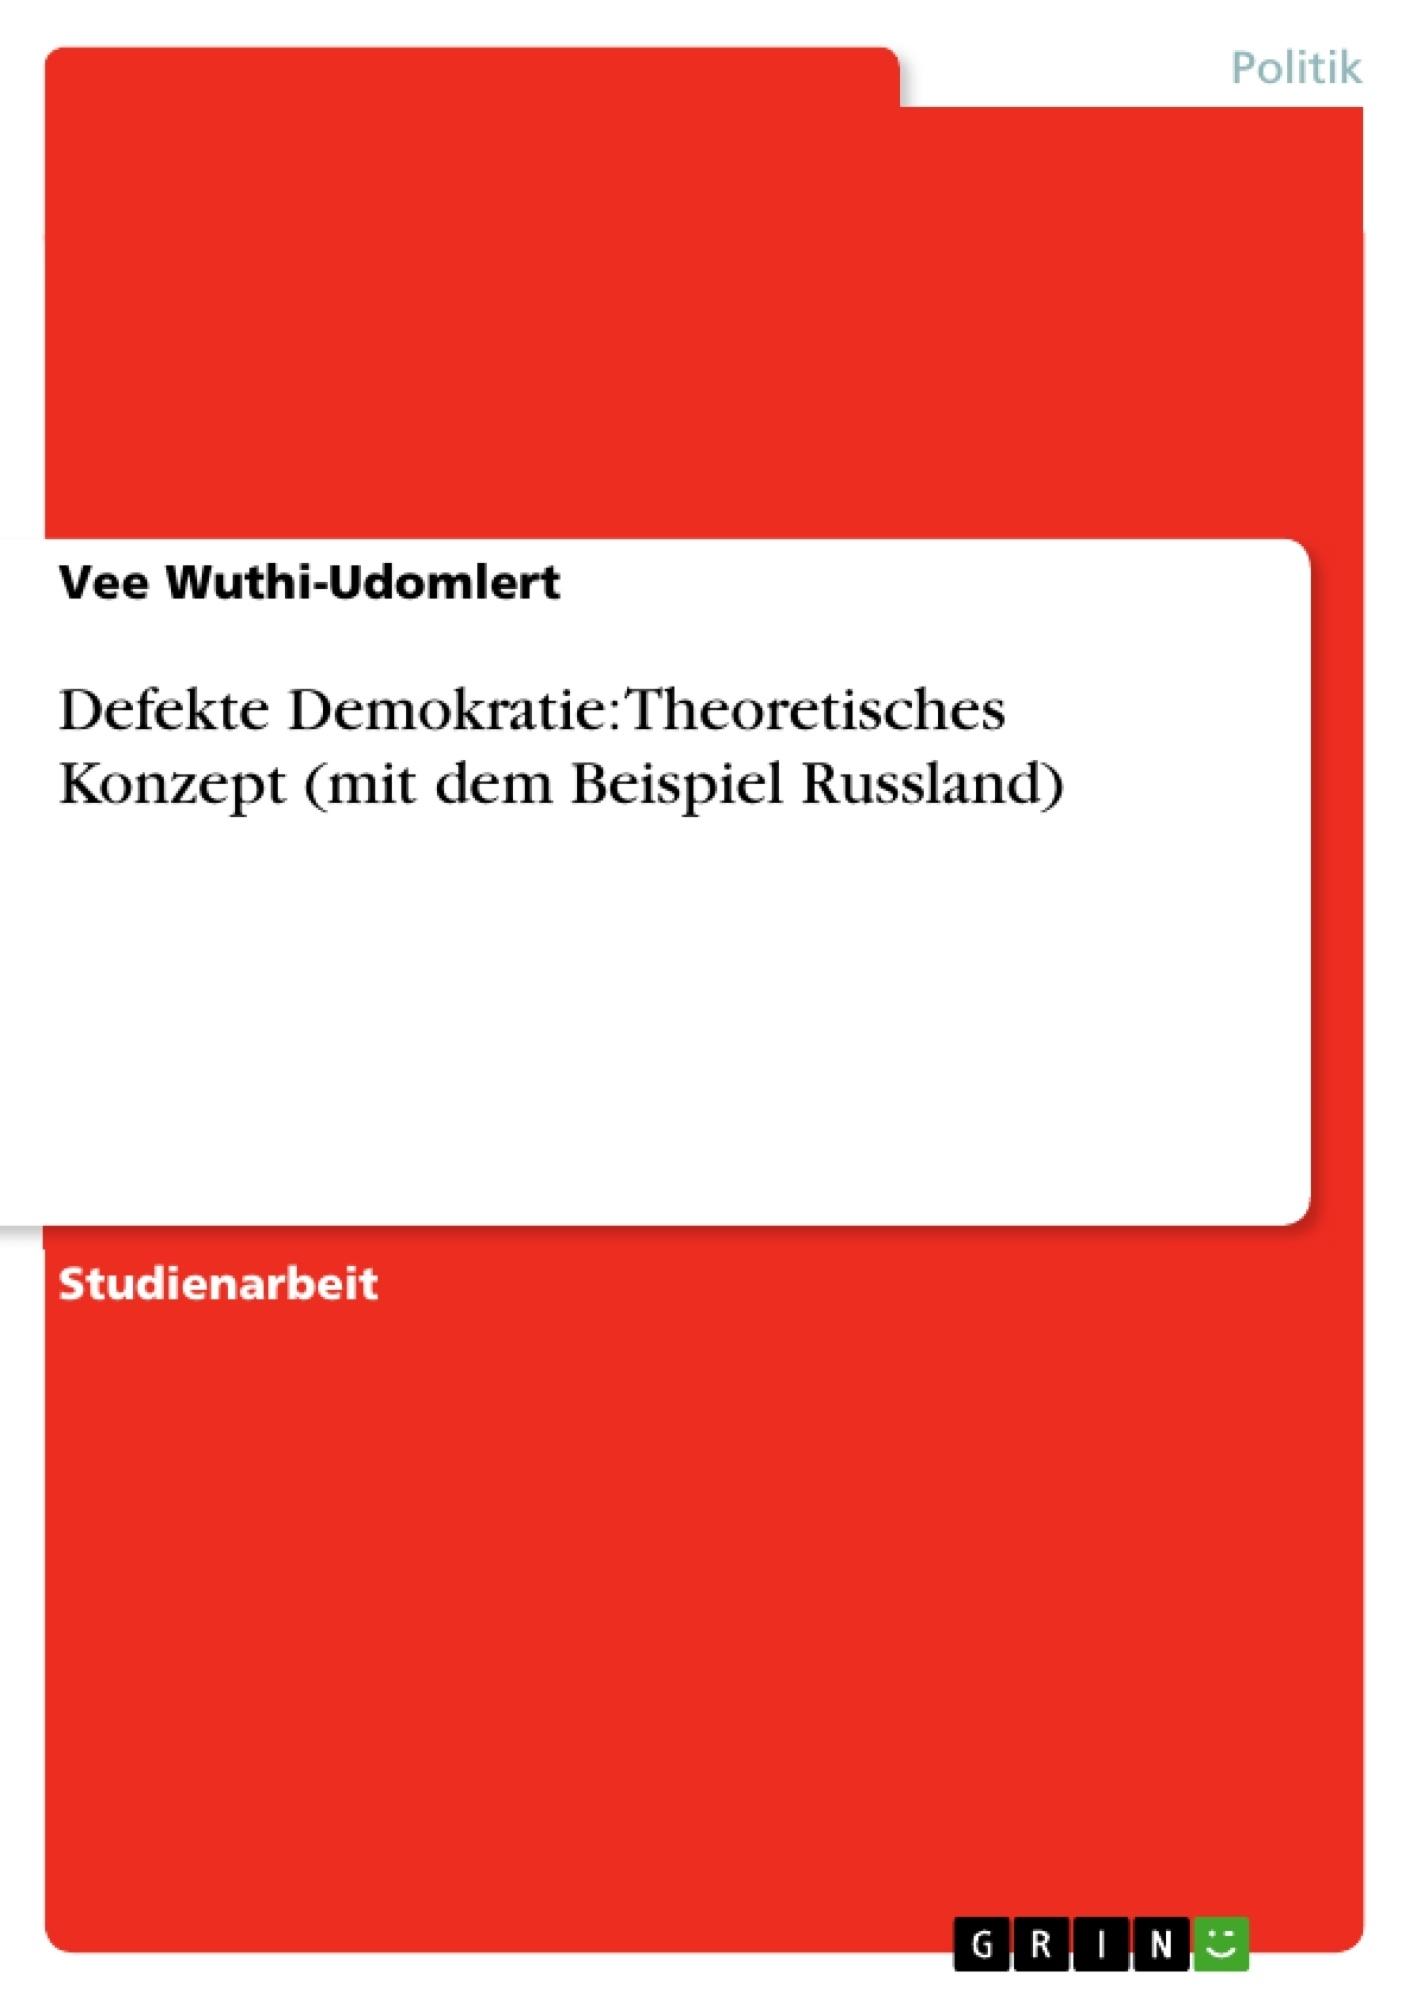 Titel: Defekte Demokratie: Theoretisches Konzept (mit dem Beispiel Russland)